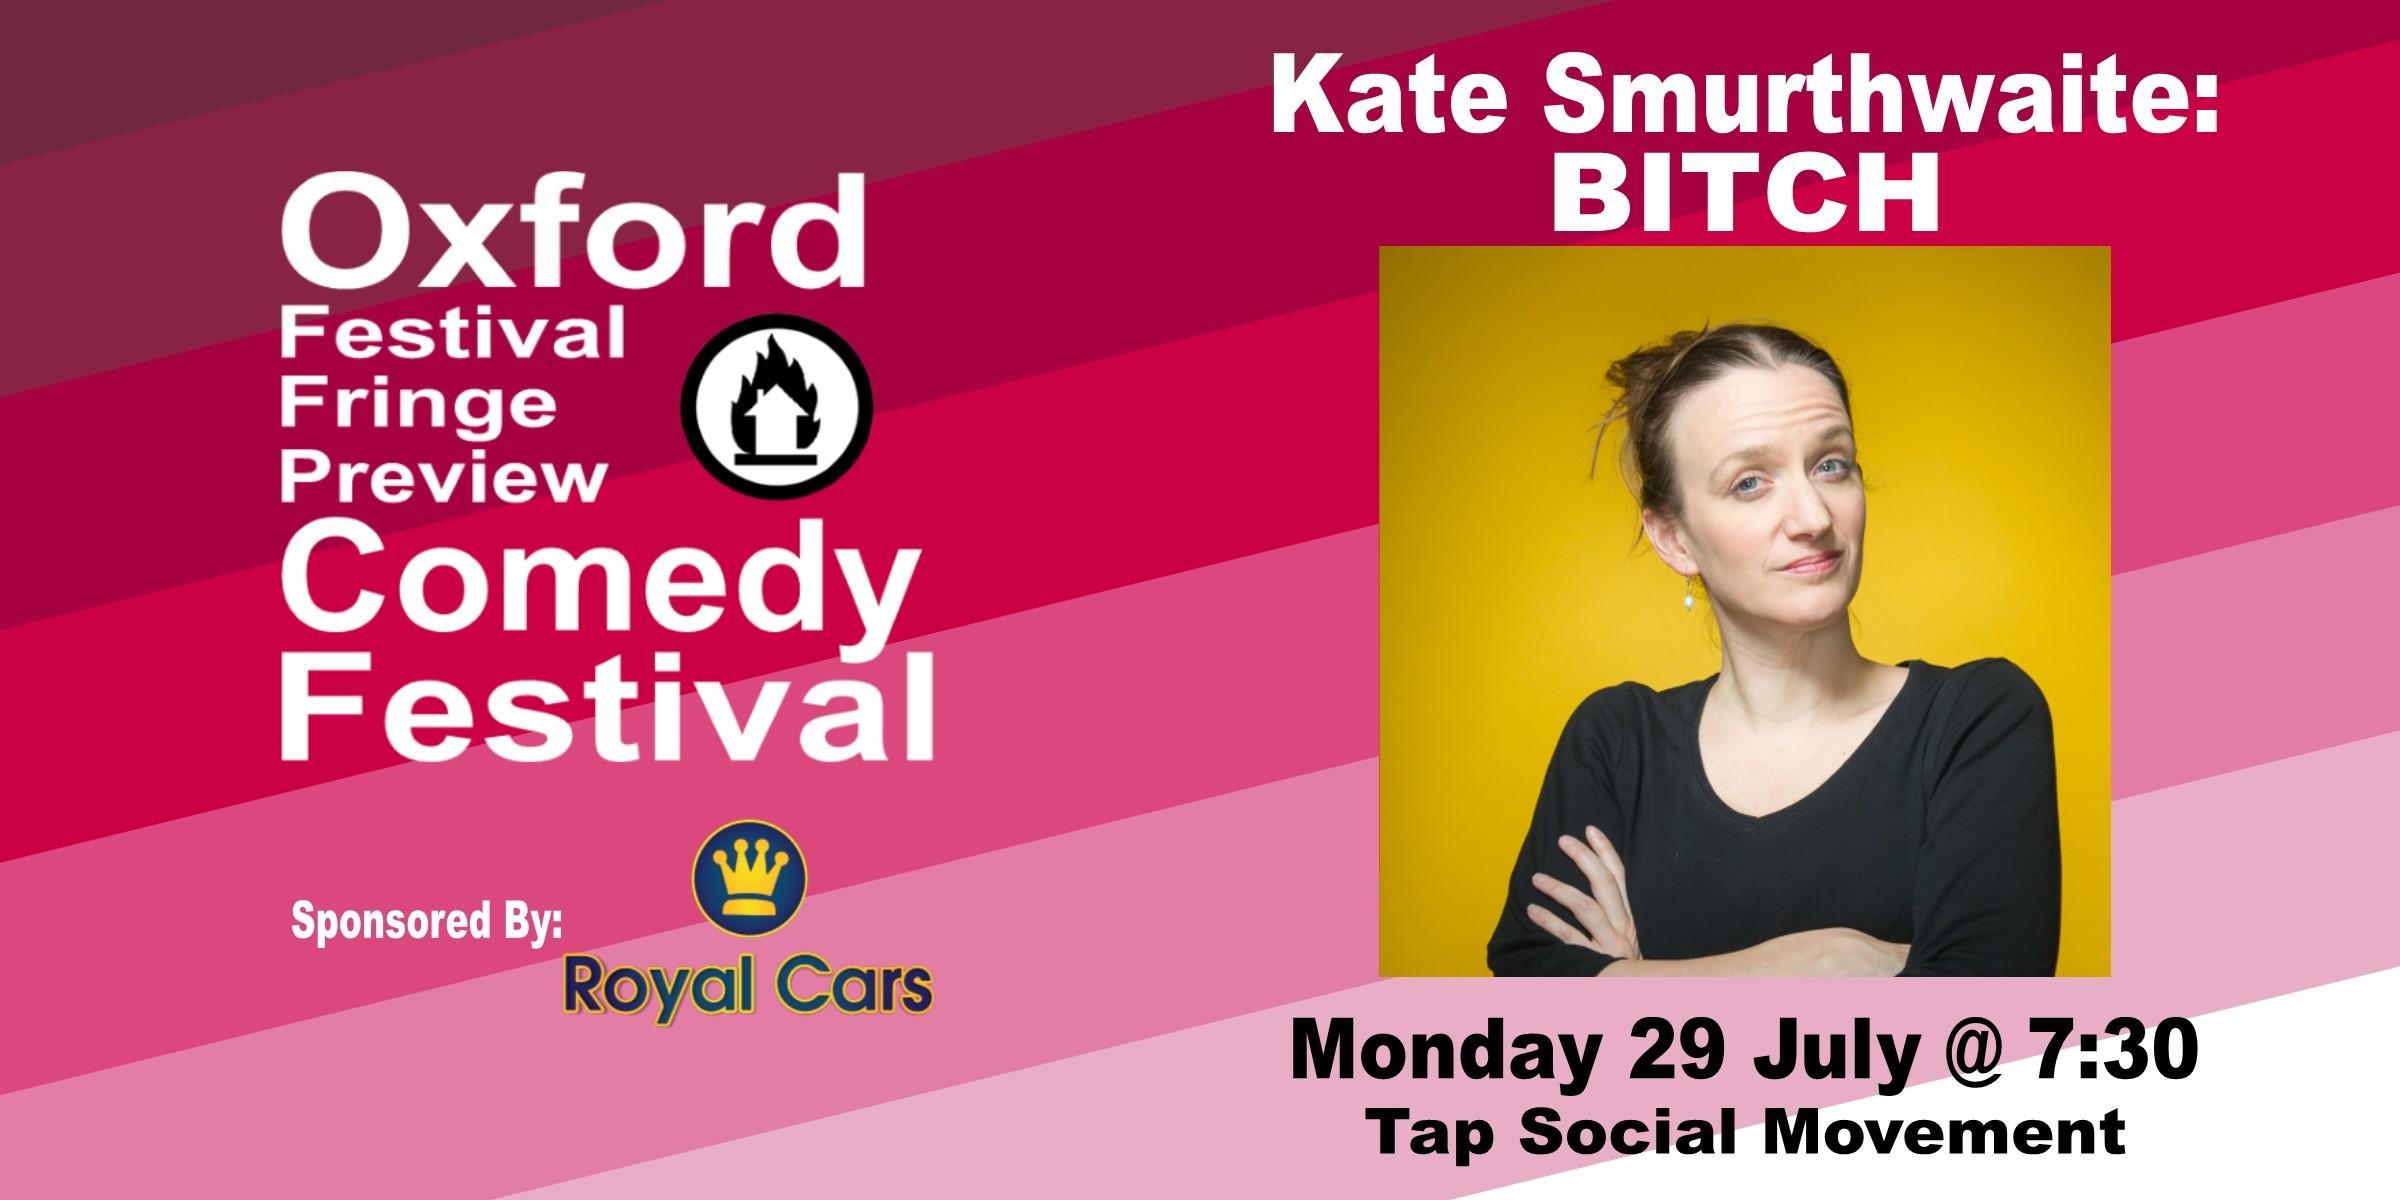 Kate Smurthwaite Banner.jpg